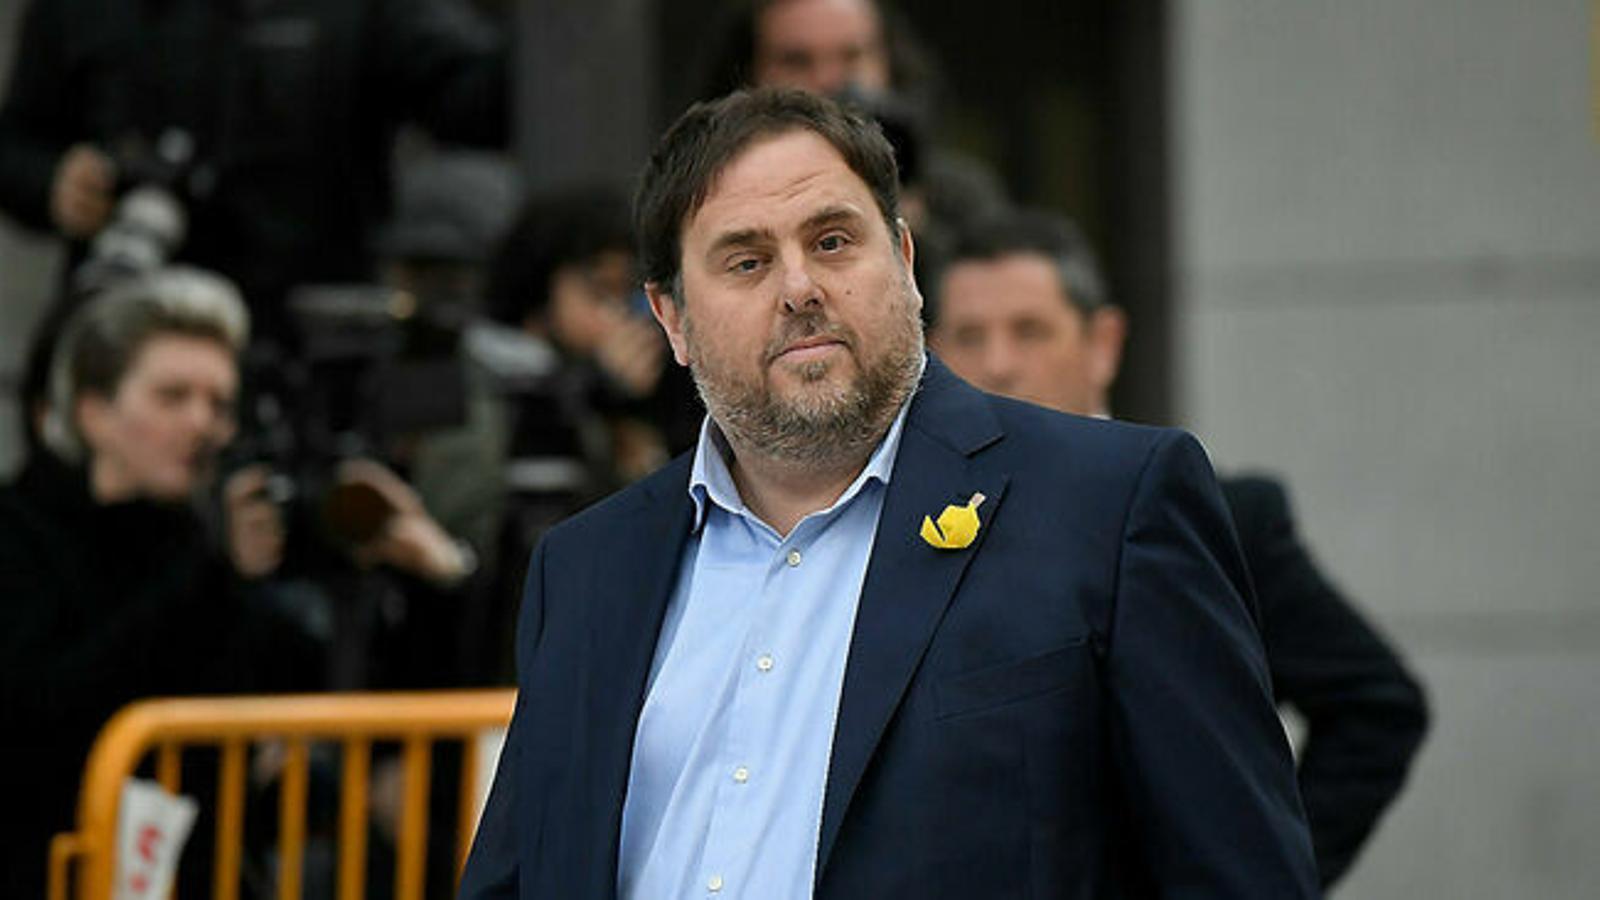 El Suprem s'avé a consultar al Tribunal de Justícia de la UE sobre la immunitat de Junqueras com a eurodiputat